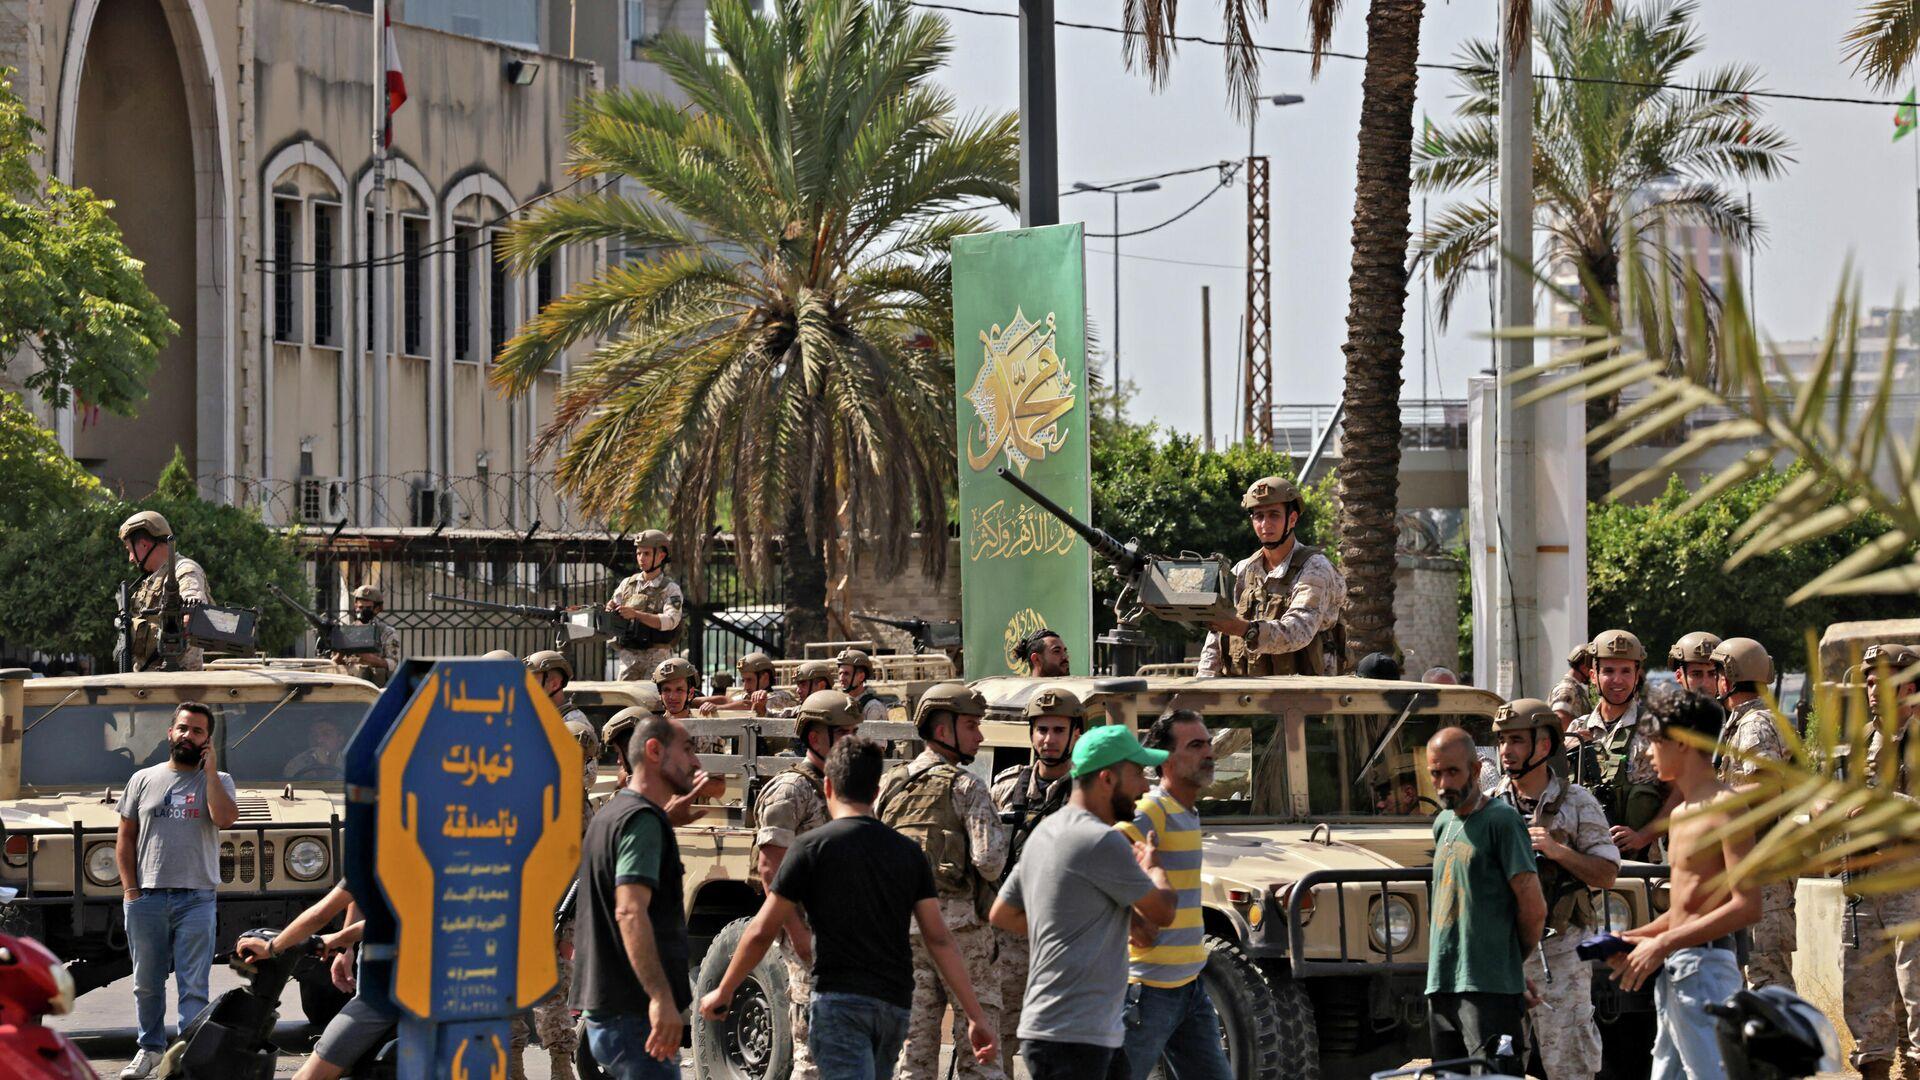 L'armée libanaise prend une position dans une banlieue sud de Beyrouth, le 14 octobre - Sputnik France, 1920, 14.10.2021